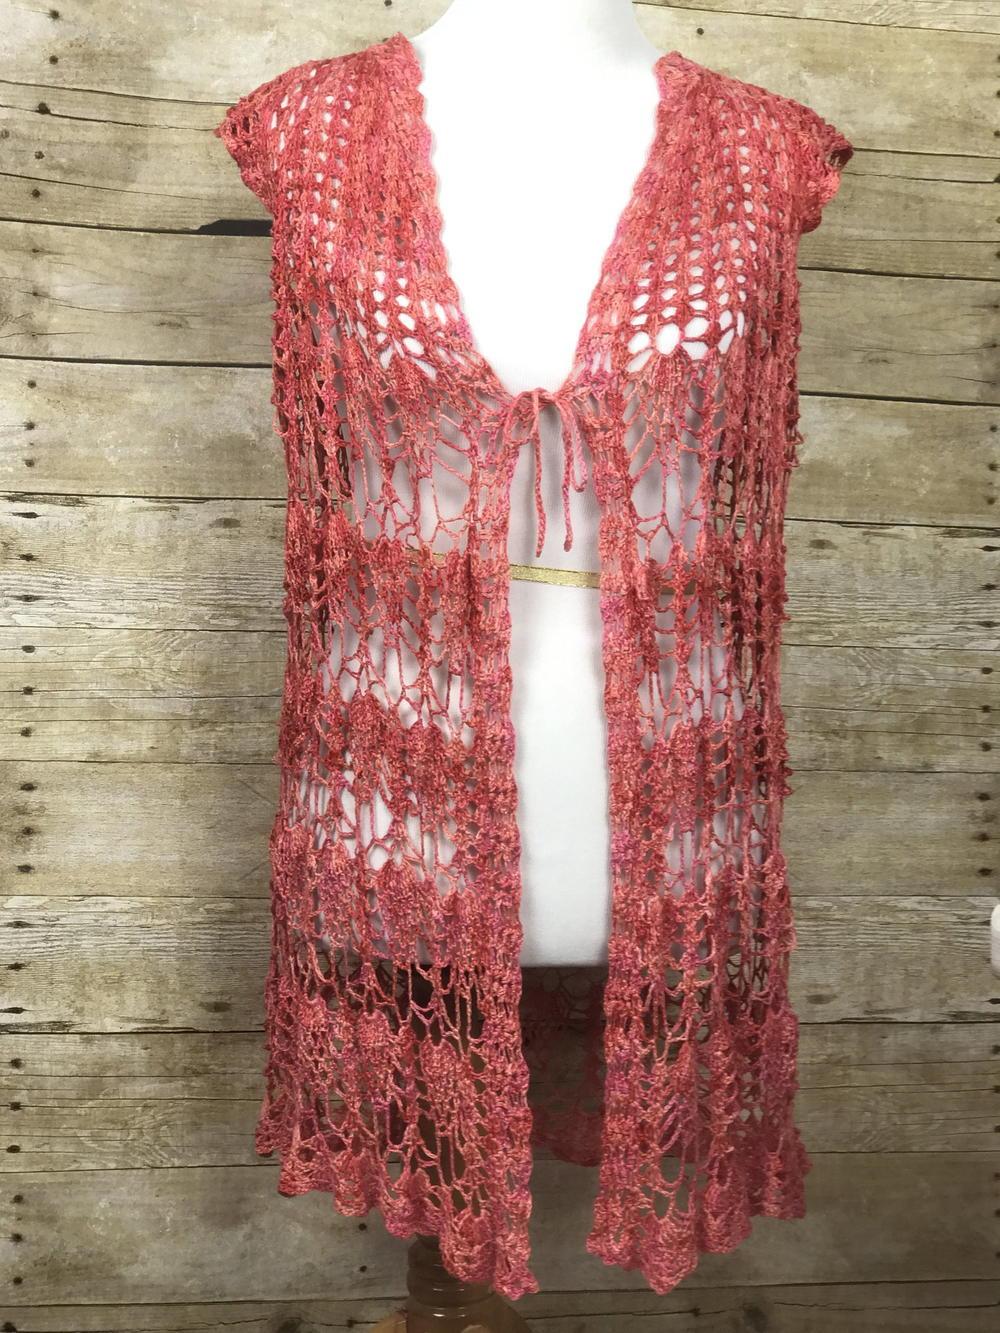 48 Crochet Vest Patterns | AllFreeCrochet.com